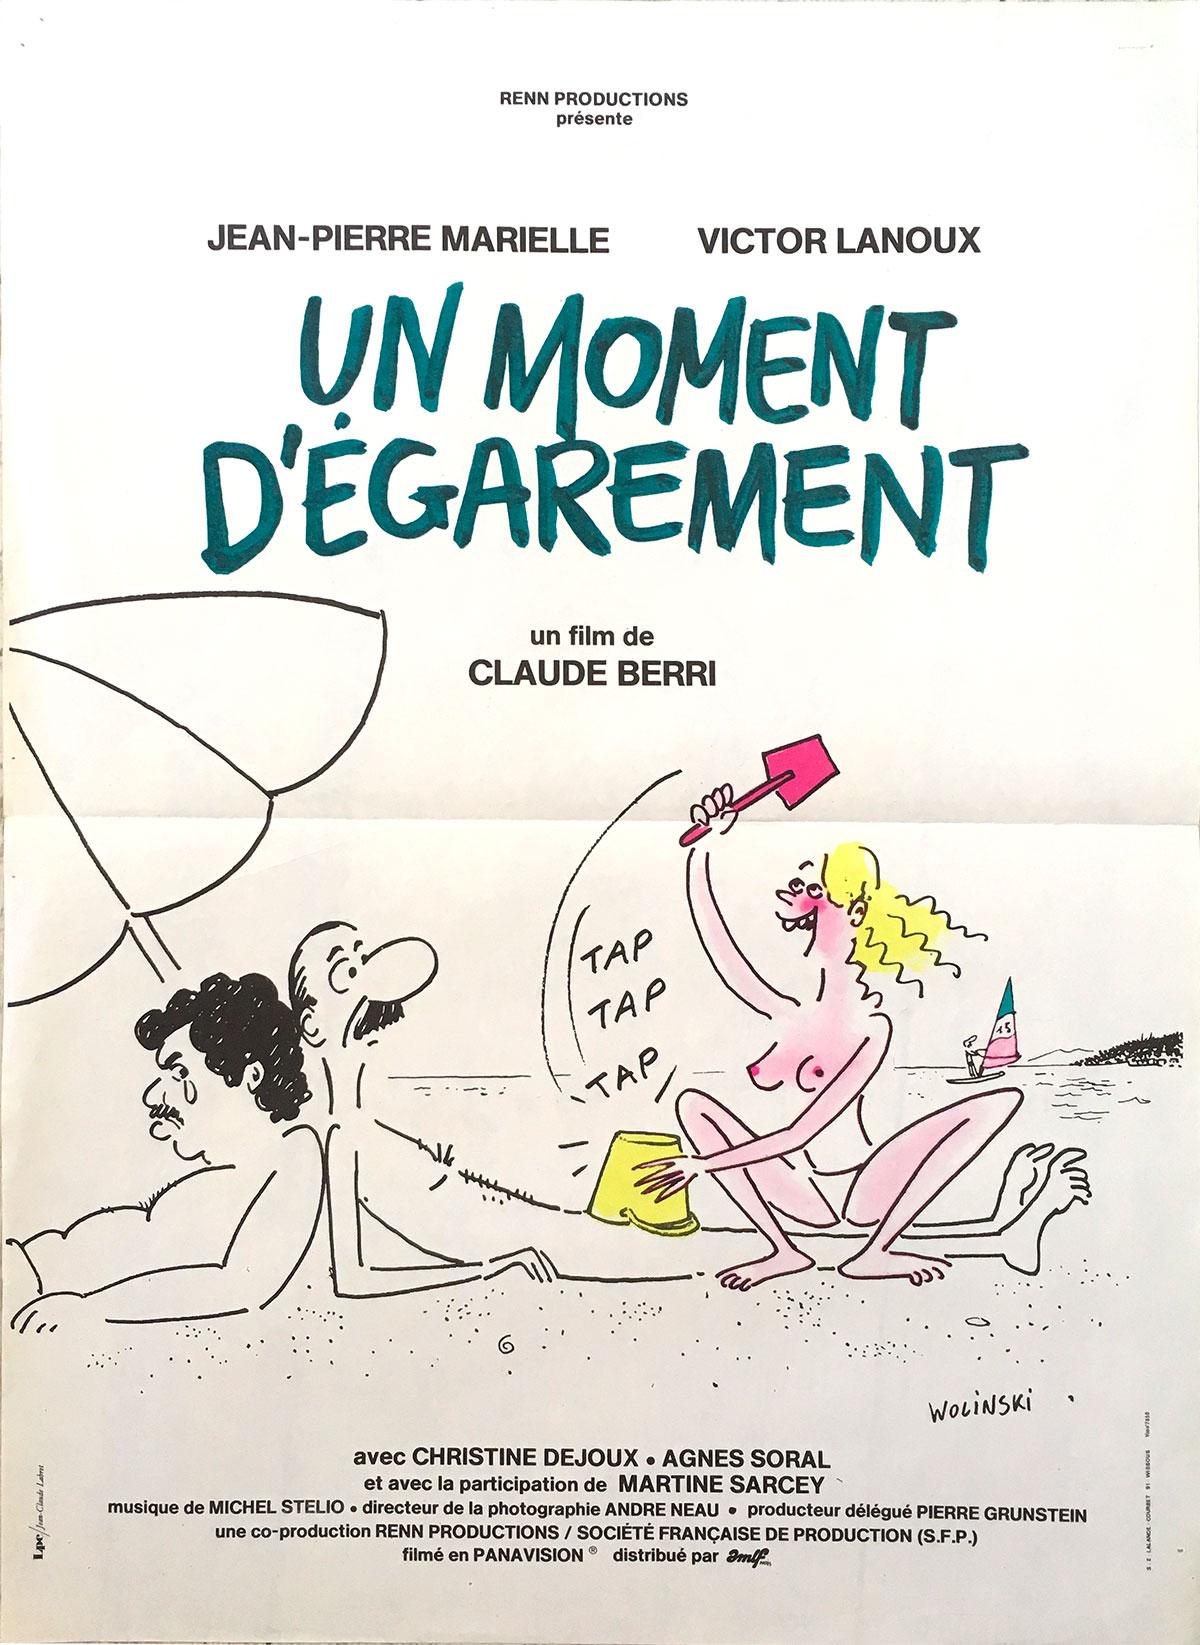 un moment dégarement (1977)